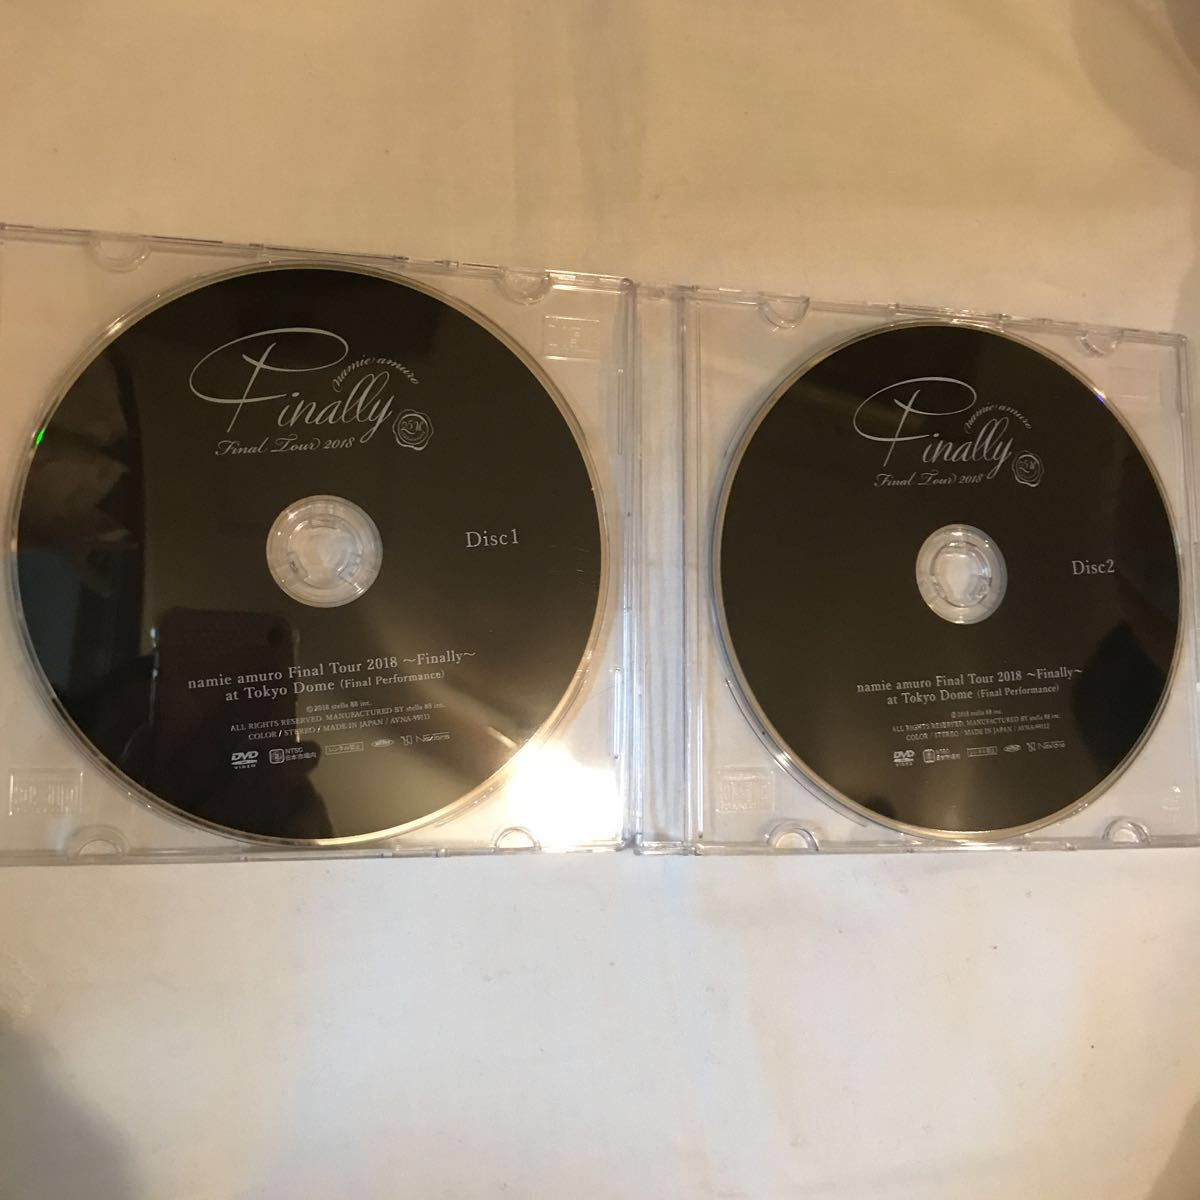 安室奈美恵 DVD finally ディスクのみ 東京ドーム最終公演 2枚セット 未再生 国内正規品 ◆